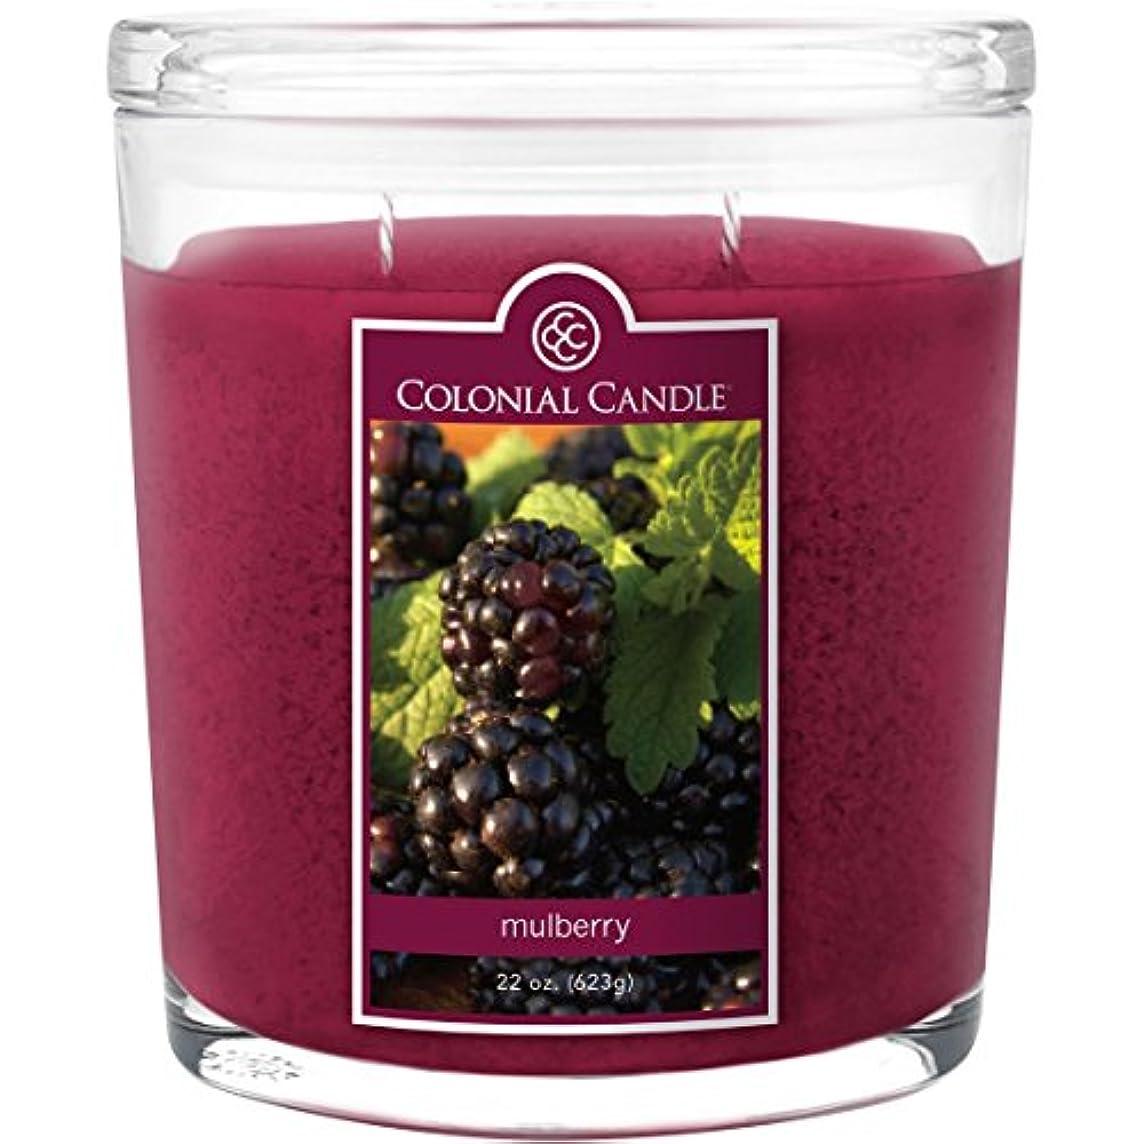 唯一ティーンエイジャーキャリアColonial Candle Mulberry 22 oz Scented Oval Jar Candle by Colonial Candle